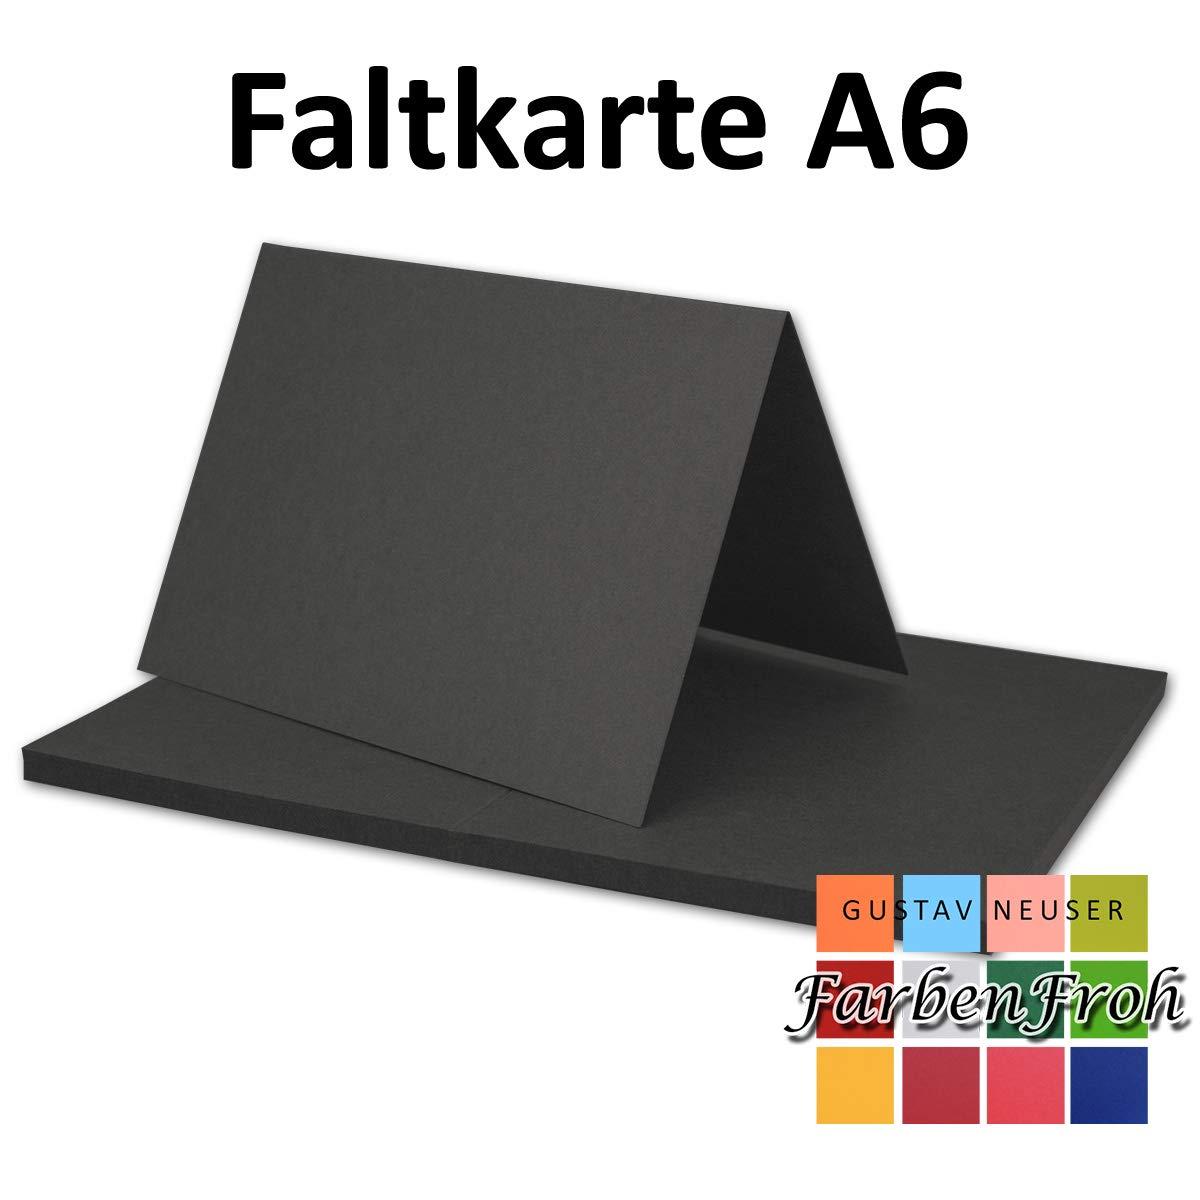 150x 150x 150x Falt-Karten DIN A6 Blanko Doppel-Karten in Vanille -10,5 x 14,8 cm   Premium Qualität   FarbenFroh® B07KHYZW6M | Attraktiv Und Langlebig  74e0be